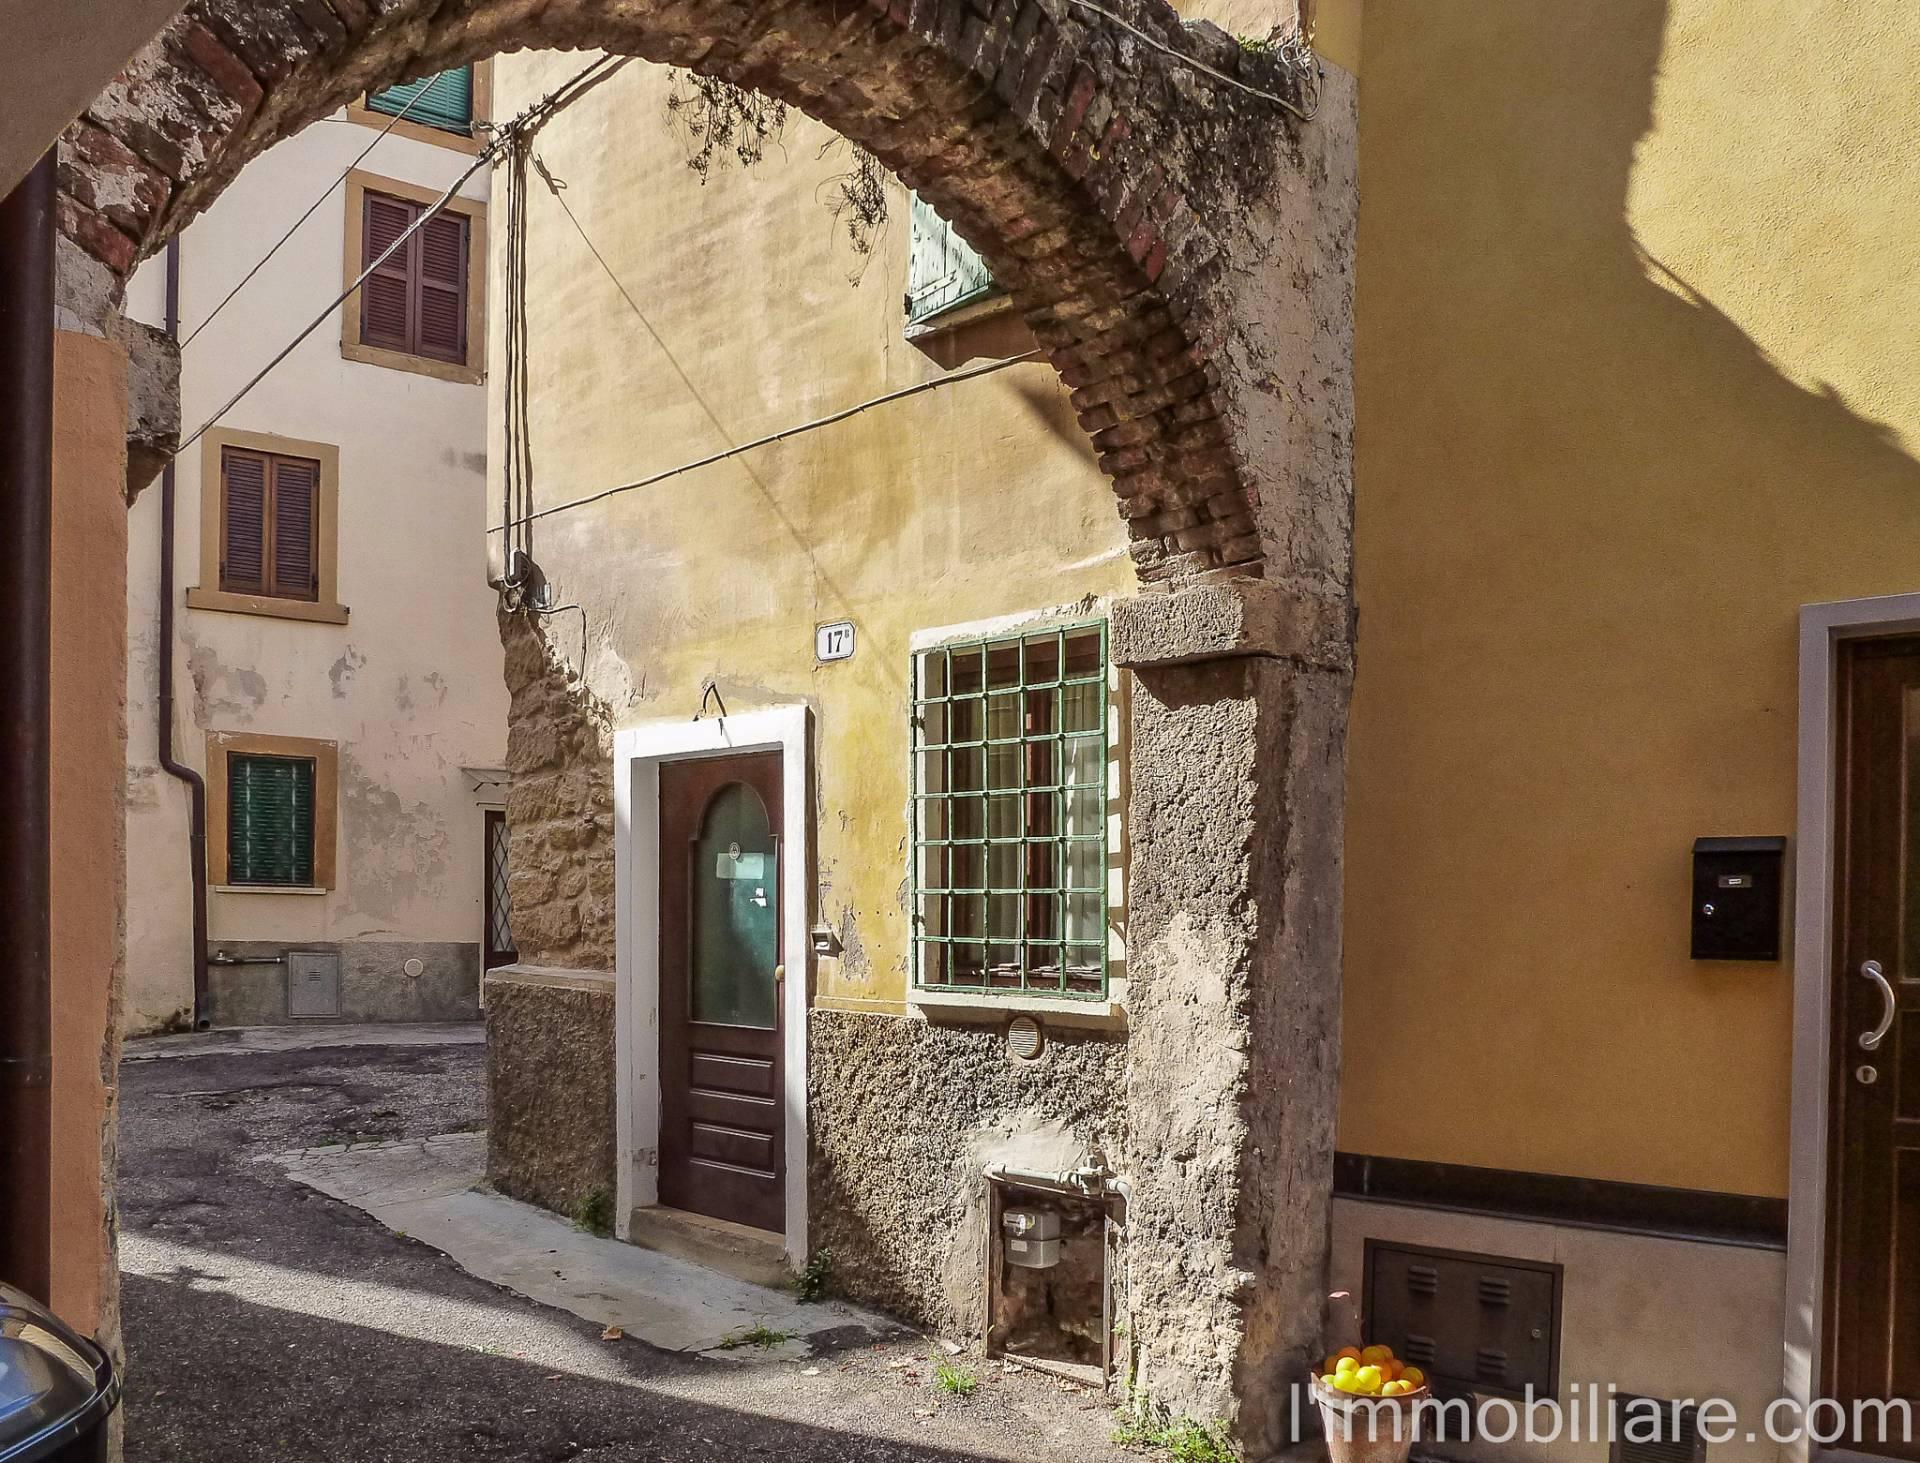 Rustico / Casale in vendita a Verona, 3 locali, zona Zona: 5 . Quinzano - Pindemonte - Ponte Crencano - Valdonega - Avesa , prezzo € 90.000 | Cambio Casa.it